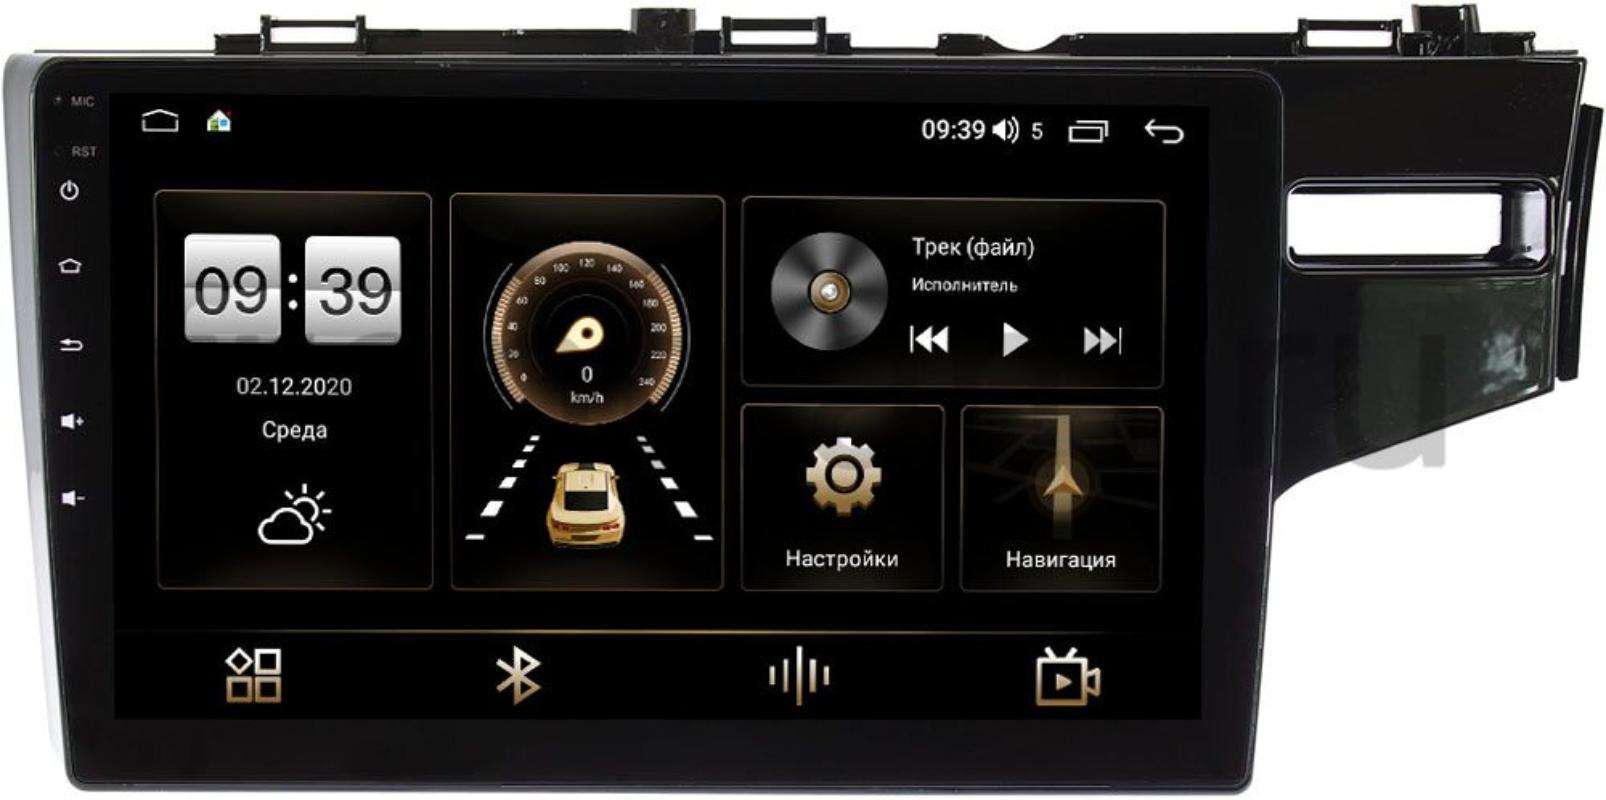 Штатная магнитола LeTrun 4165-10-508 для Honda Fit III 2013-2021 (правый руль) на Android 10 (4G-SIM, 3/32, DSP, QLed) (+ Камера заднего вида в подарок!)